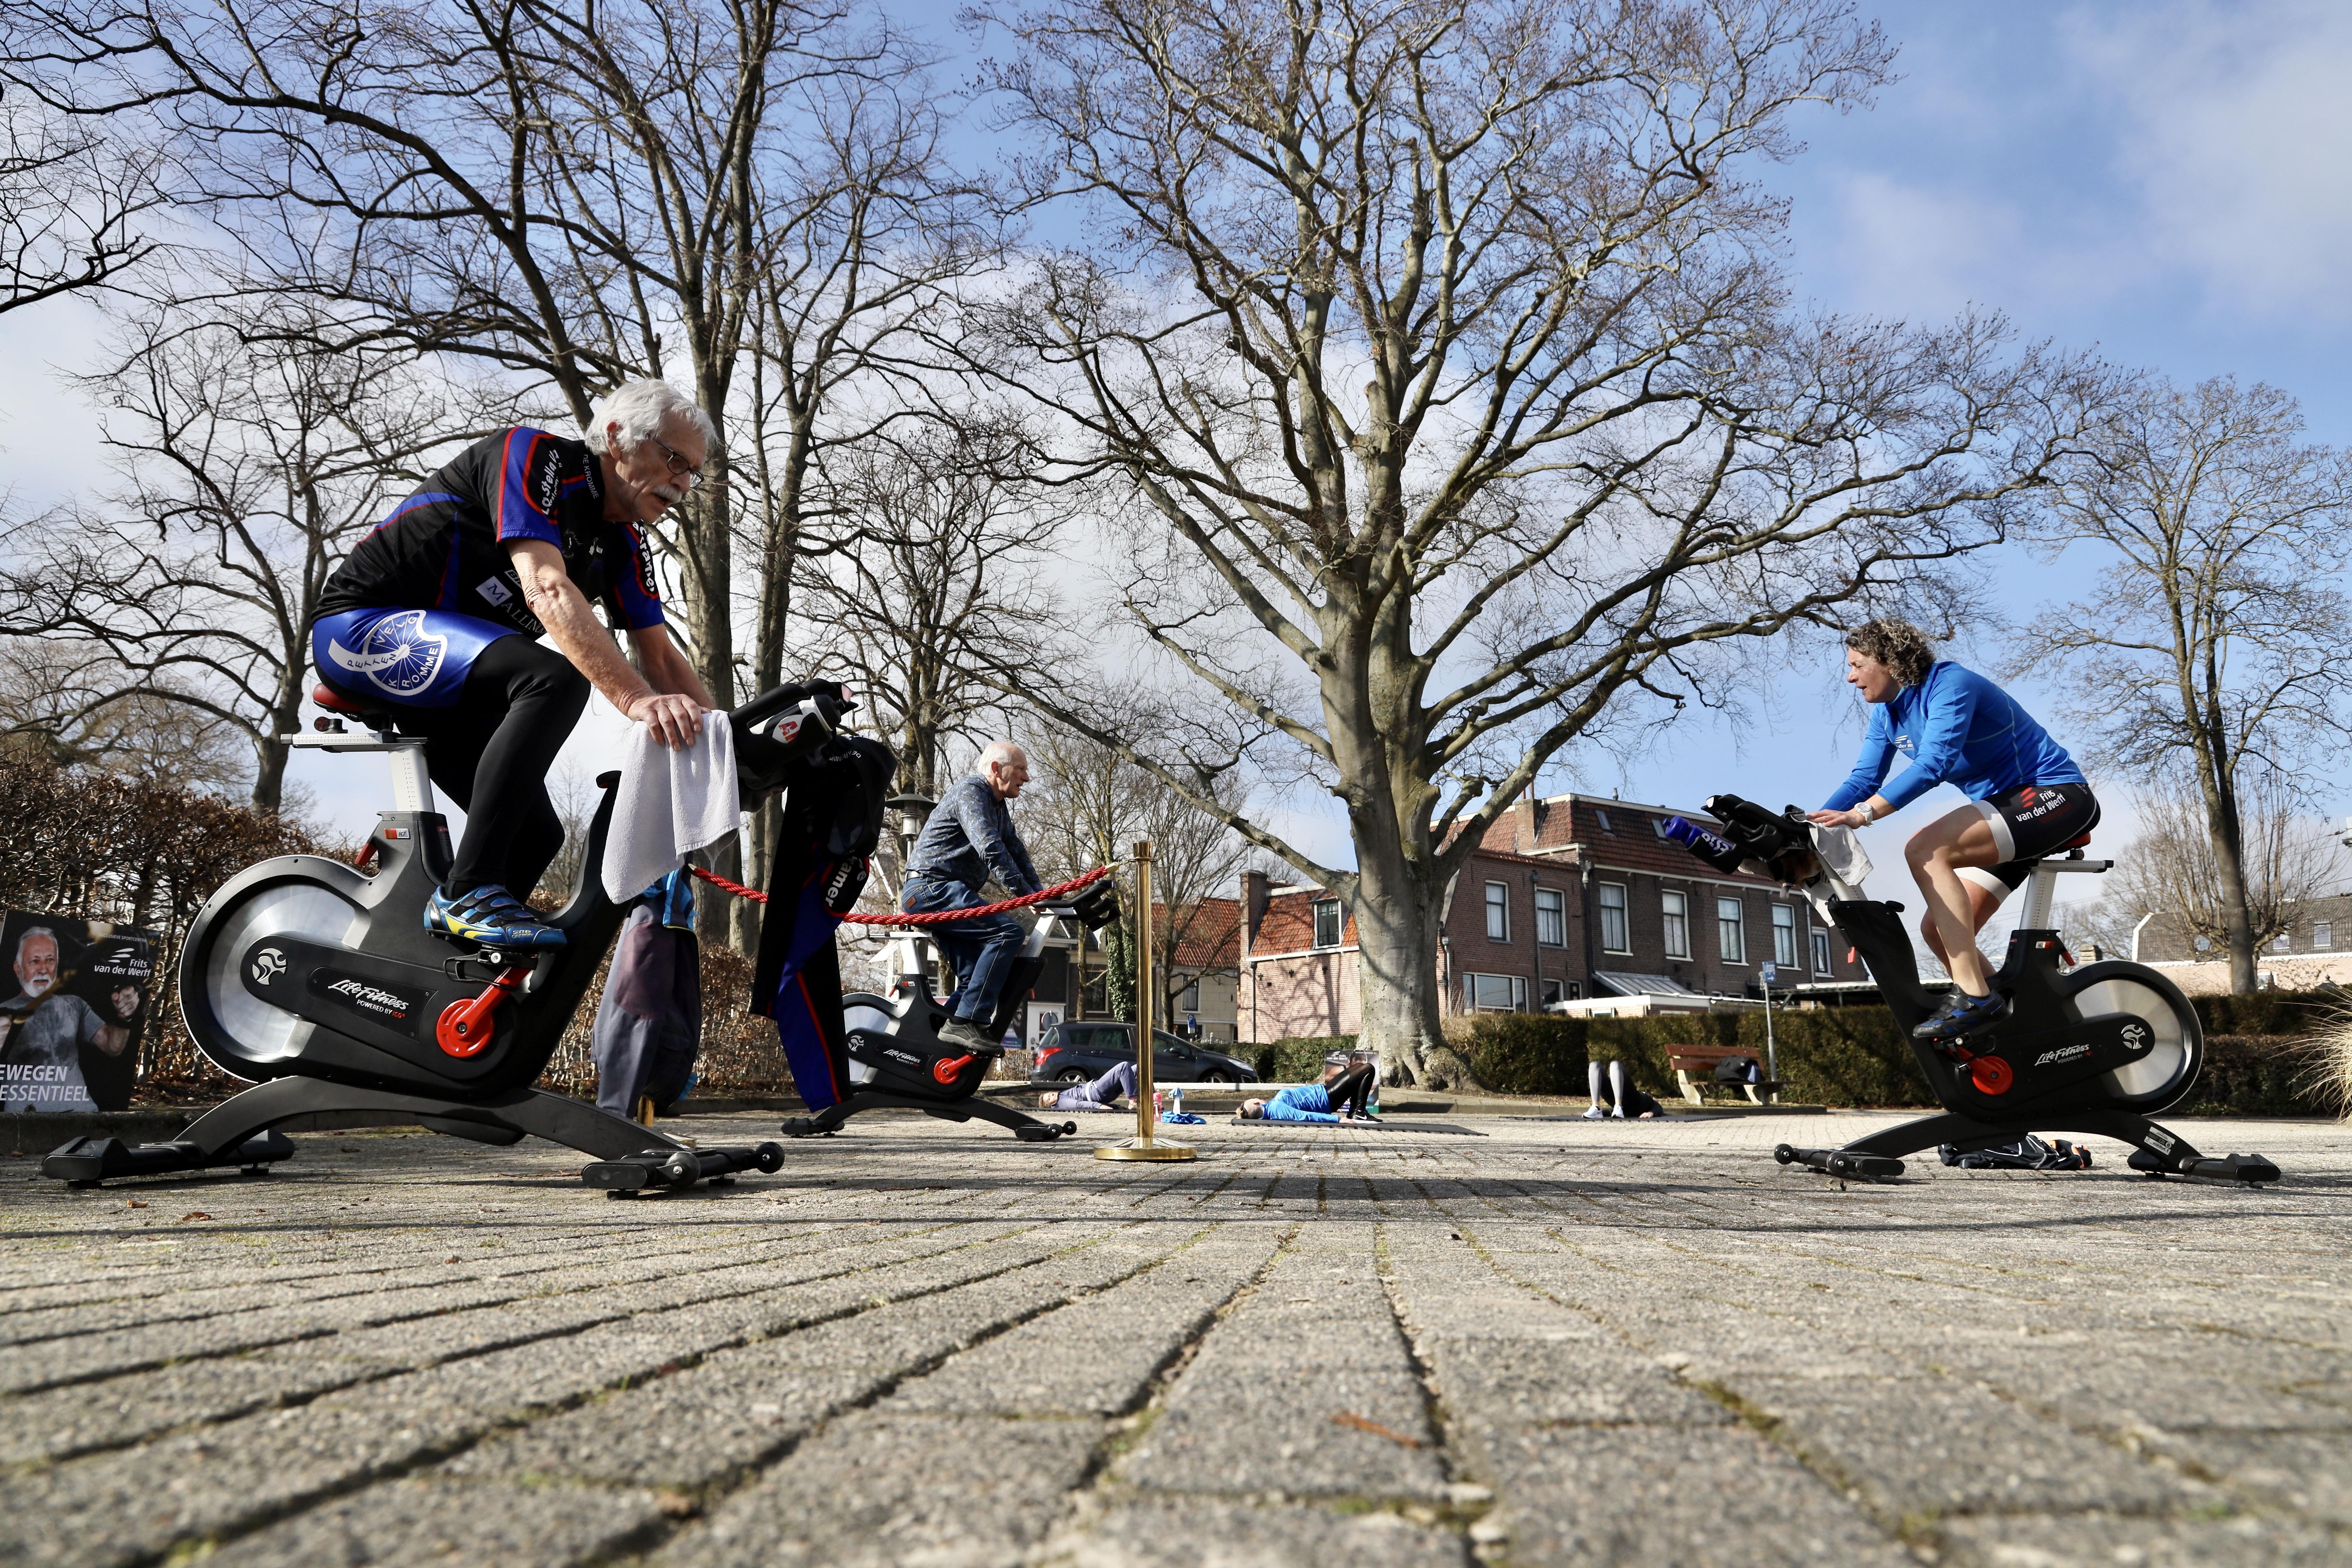 Ook actie in sportcentra Hoorn en Enkhuizen: 'Nieuwe gezondheidscrisis als we langer dichtblijven'